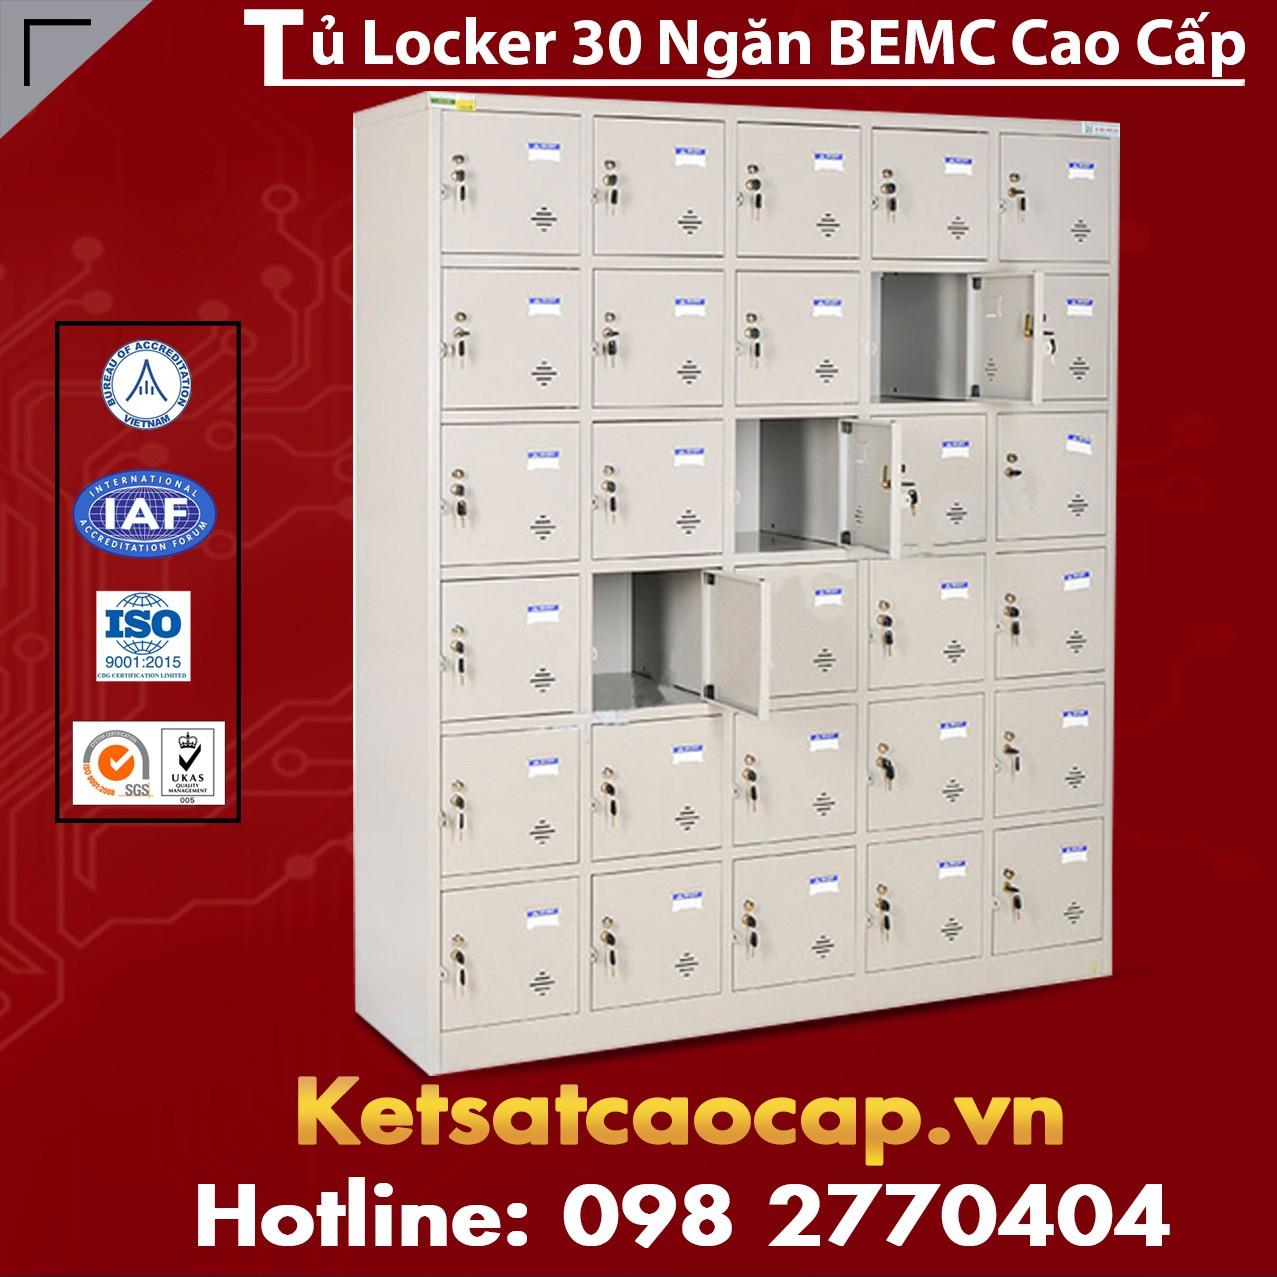 Tủ Locker 30 Ngăn BEMC